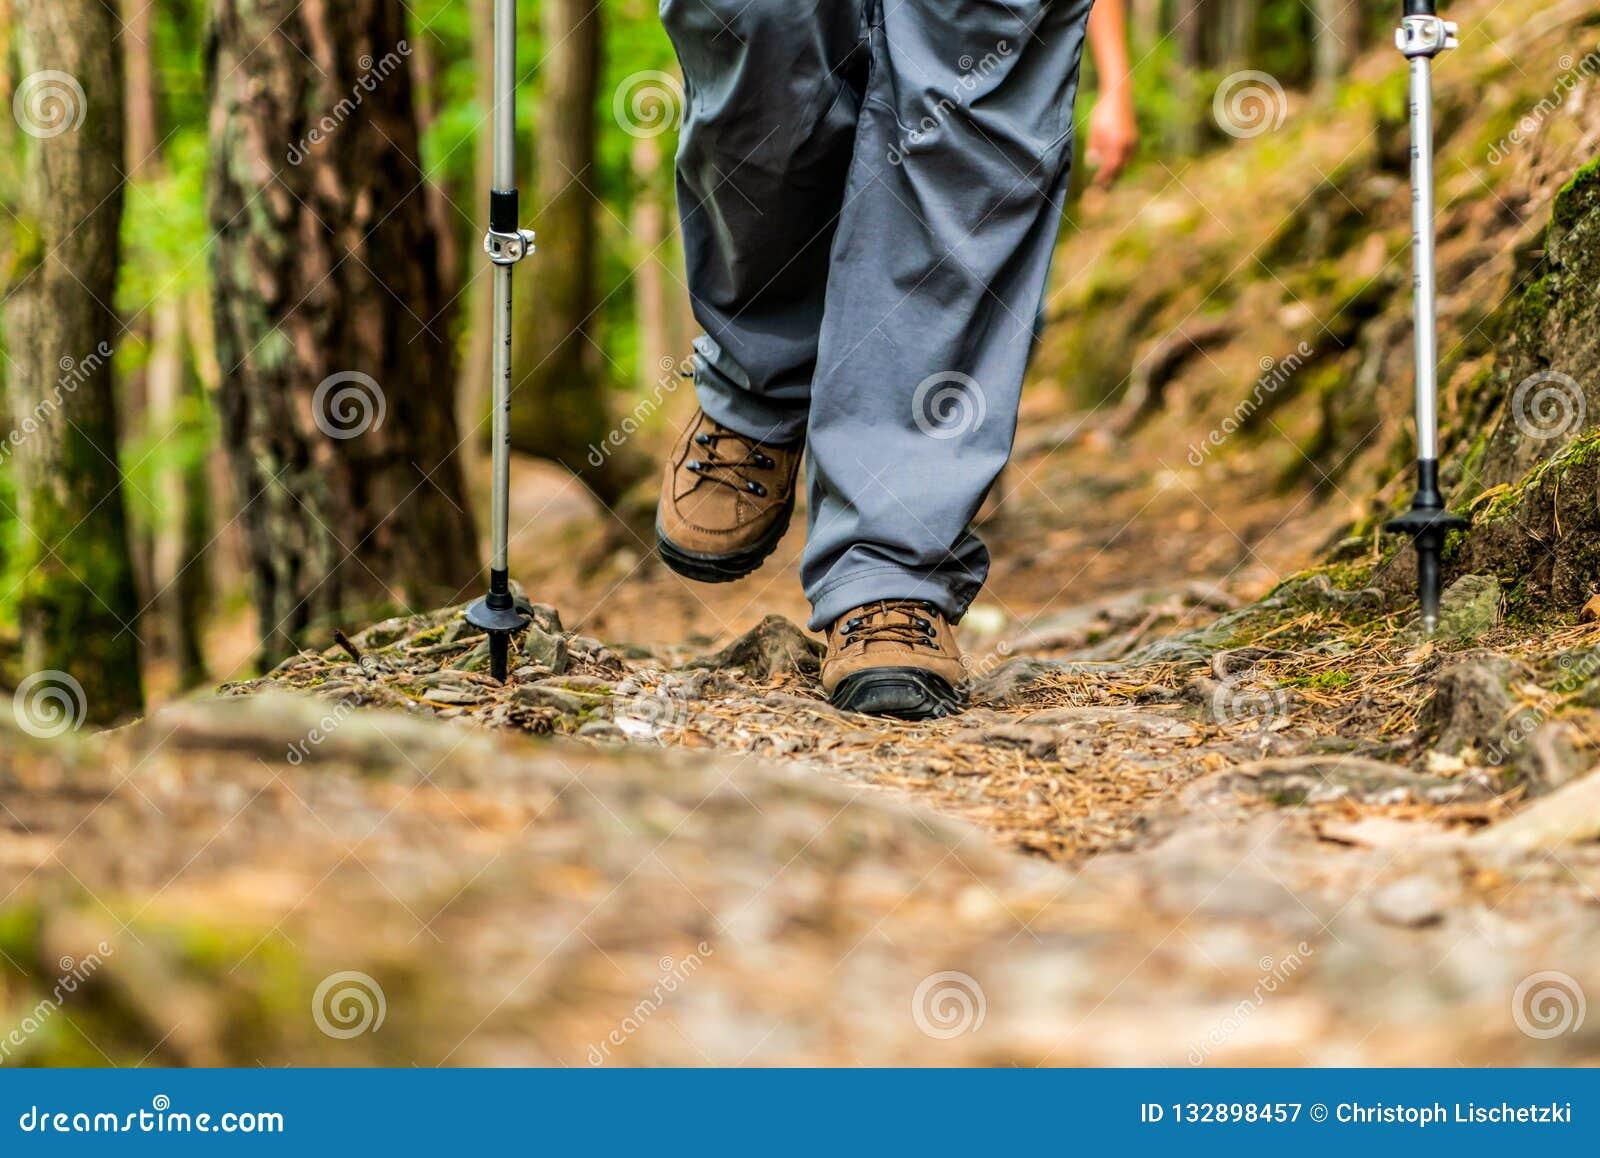 远足schoes和棍子细节视图在森林室外活动的少女妇女本质上